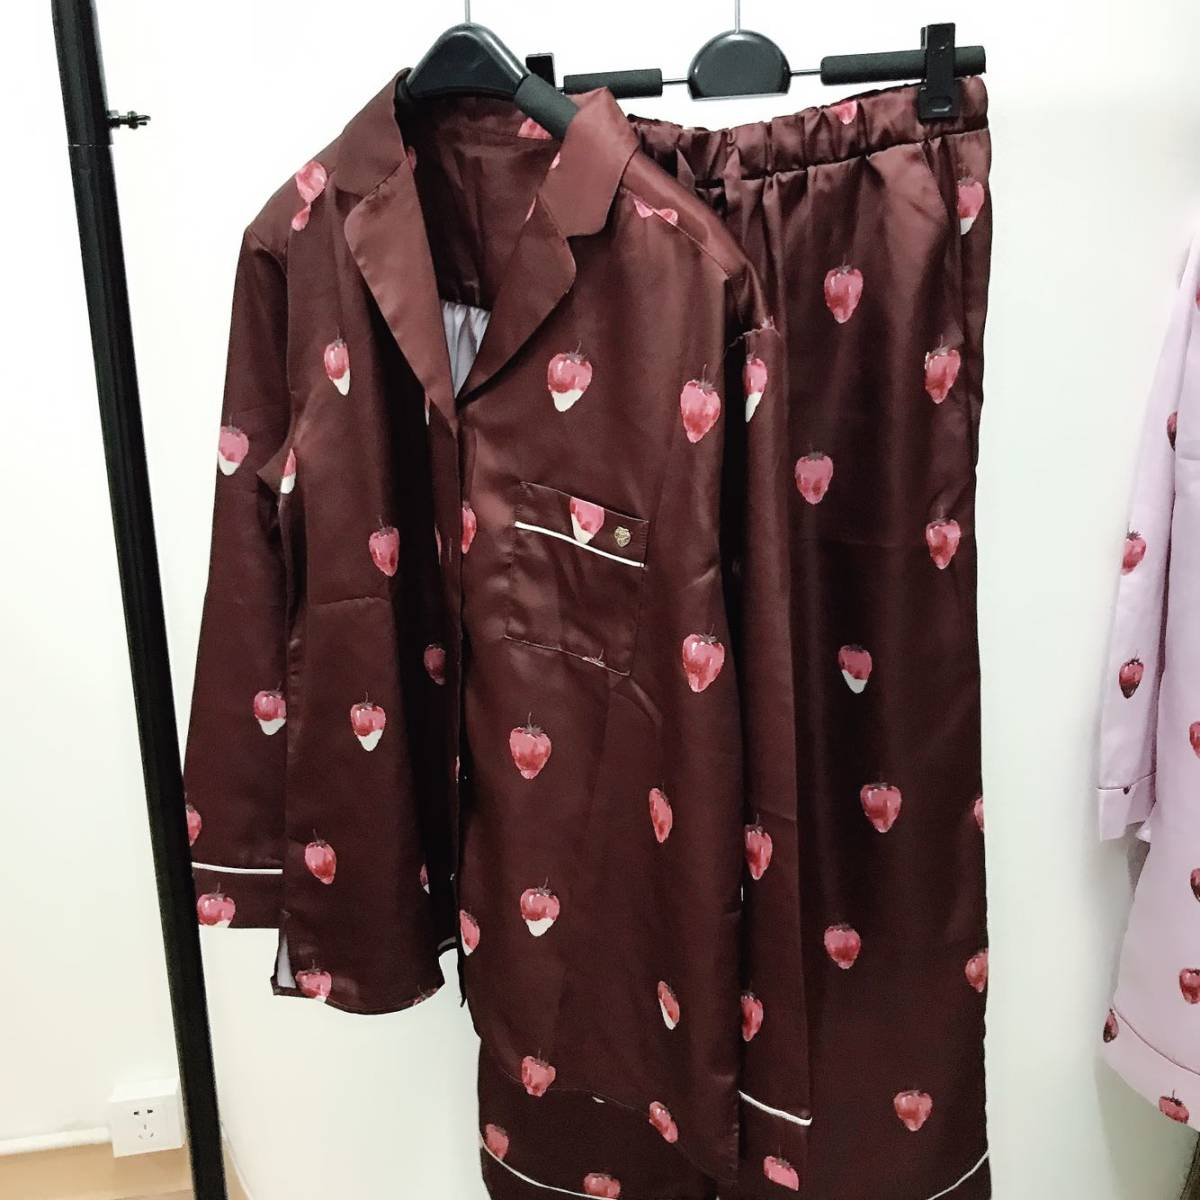 新品★ジェラートピケ ストロベリーチョコサテン●パジャマ上下セット■ブラウン●ルームウエア●